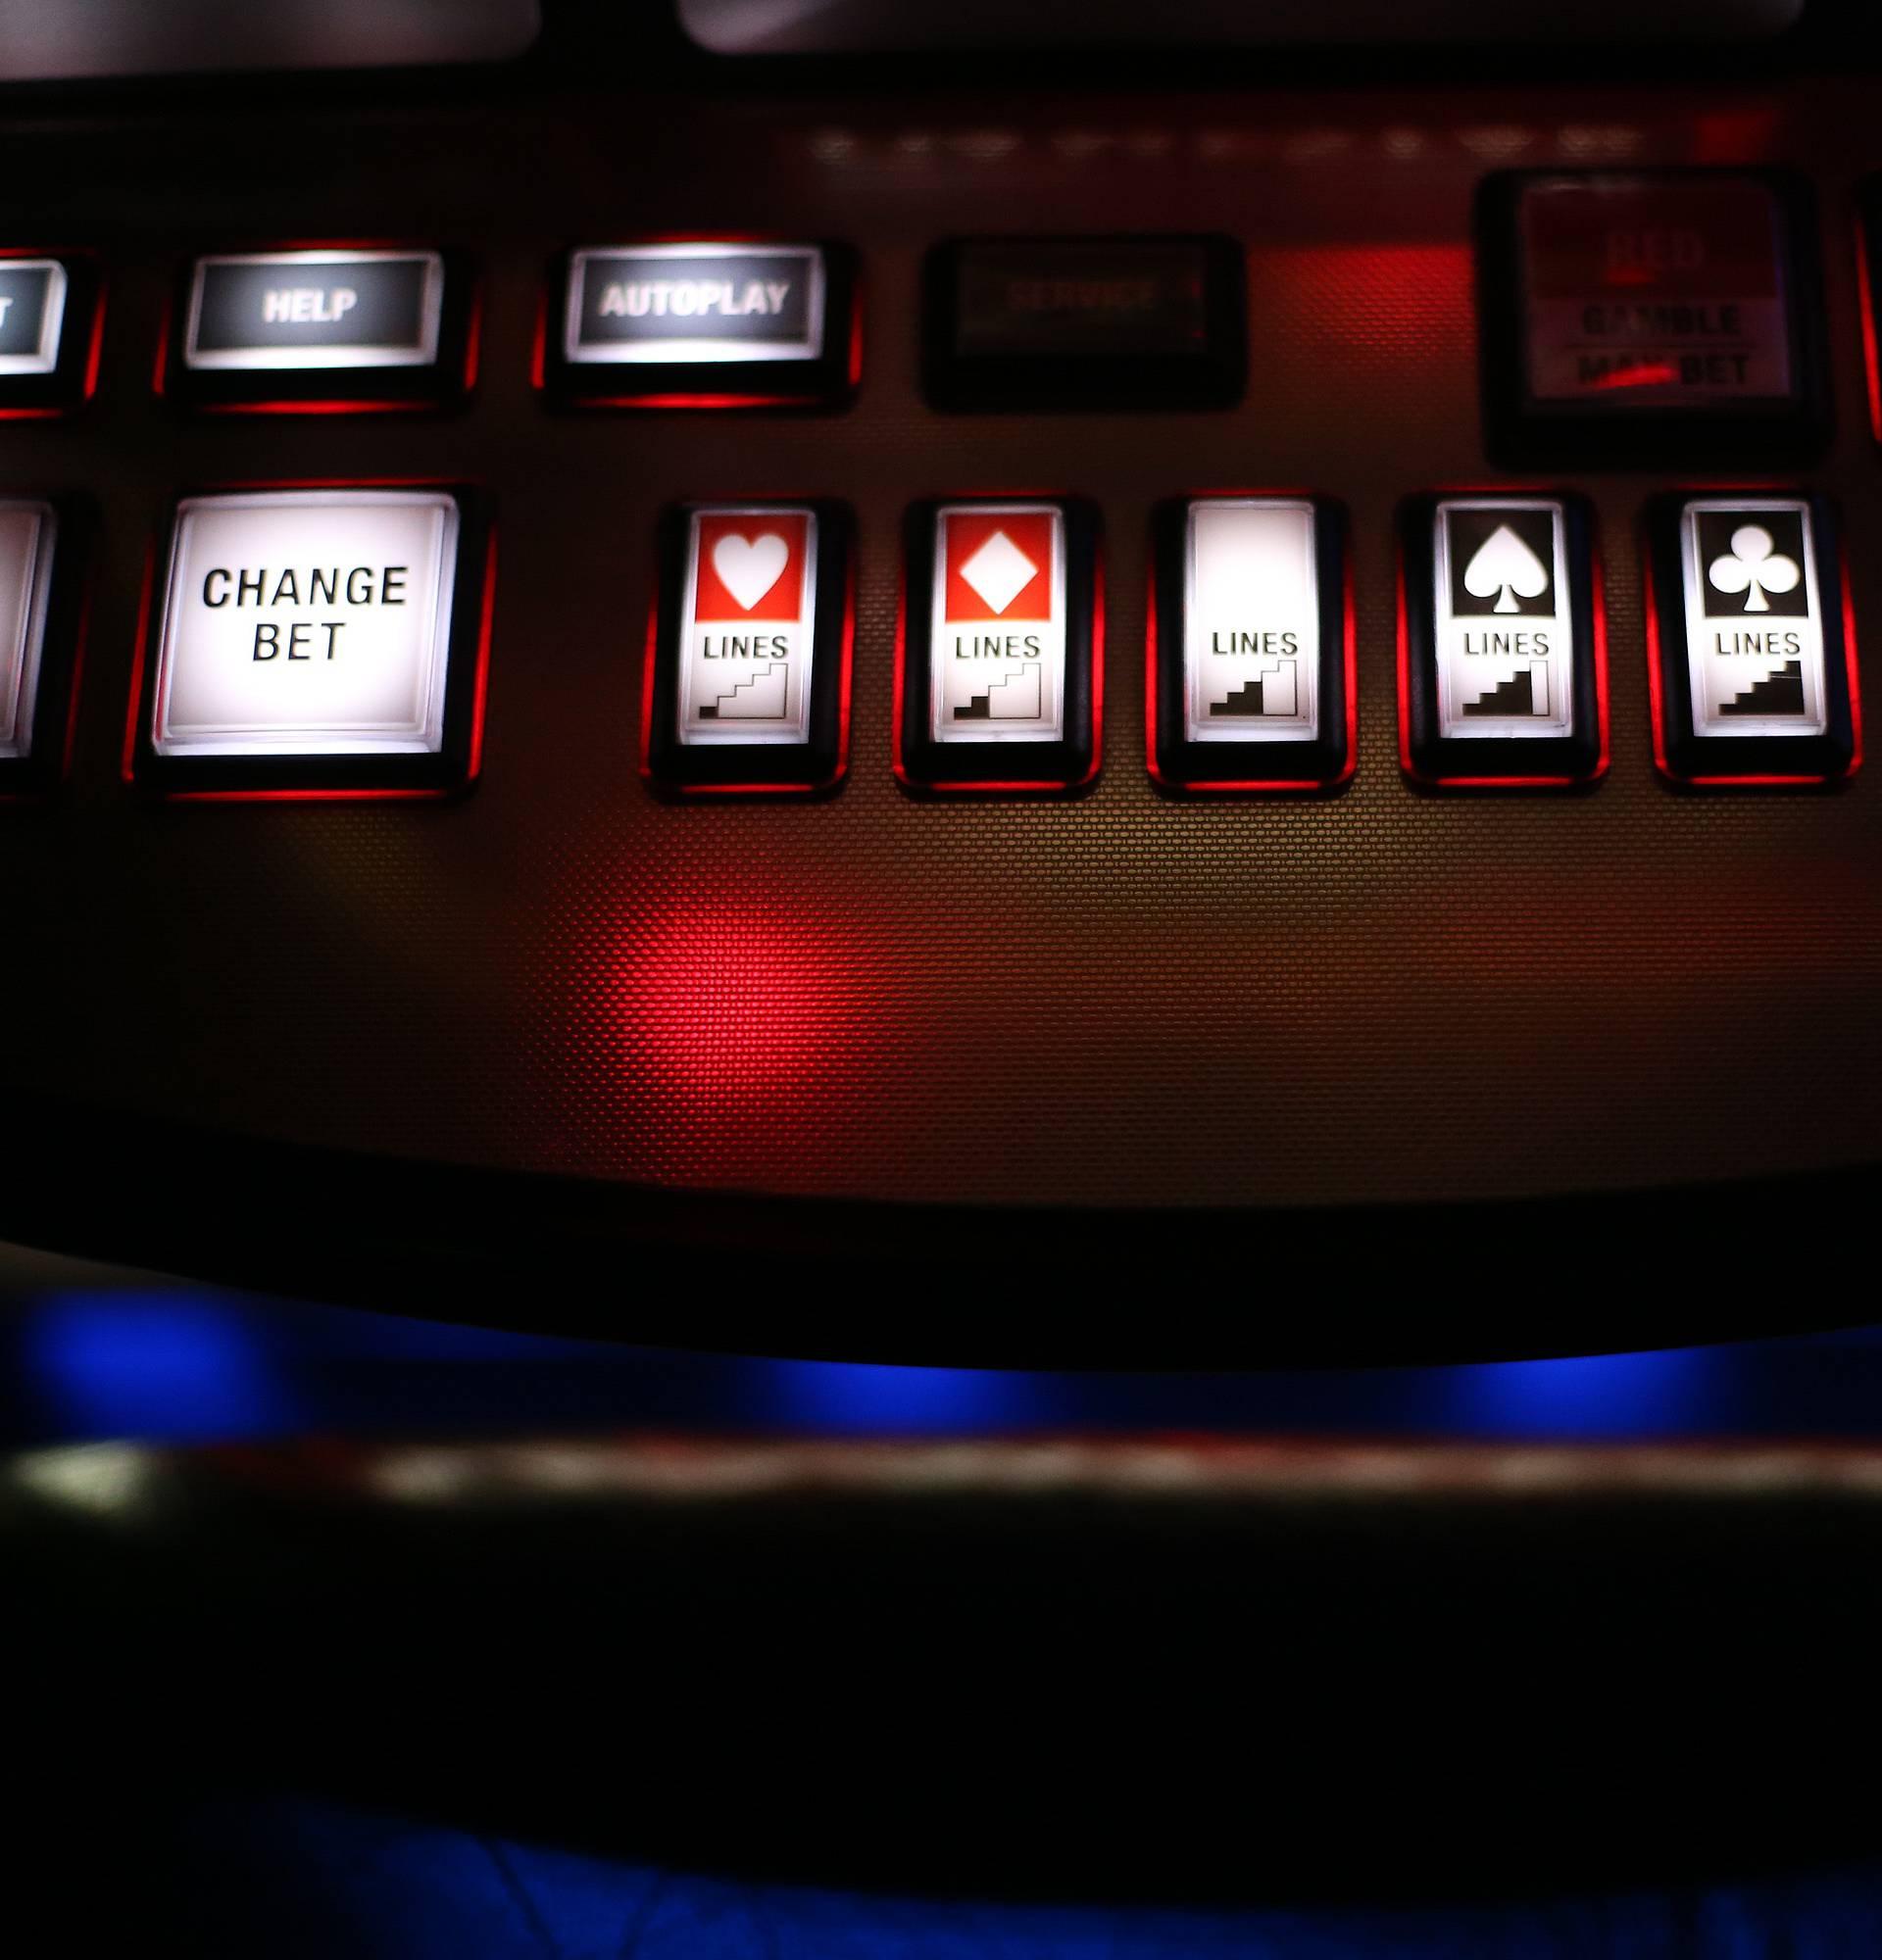 Zagrebački kockar (39) mora vratiti 5,6 milijuna kuna duga